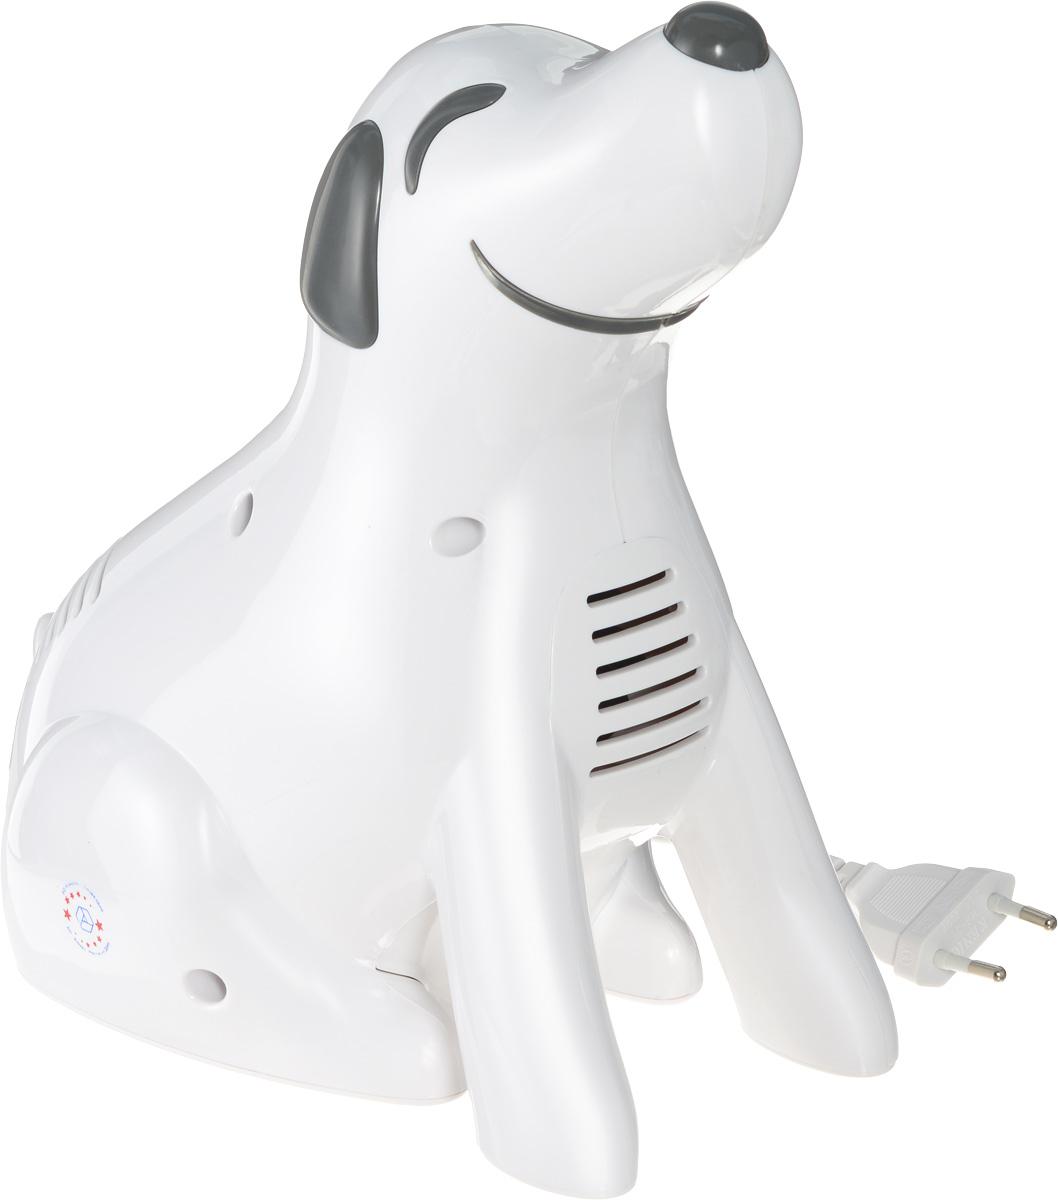 Алмаз MCN-600D Doggy компрессорный ингаляторMCN-600D (Doggy)Алмаз MCN-600D Doggy - компрессорный ингалятор, который специально создавался, чтобы понравиться маленьким детям. Ингалятор состоит из пластмассового корпуса и распылительной камеры, соединенной с ним гибким шлангом. В корпусе установлен поршневой компрессор, который создает избыточное давление воздуха, подаваемого по гибкому шлангу в распылительную камеру. Конструктивно камера — это пластмассовая емкость для лекарства с устройством для его распыления потоком воздуха. Данная модель предназначена для профилактики и лечения различных заболеваний дыхательных путей с помощью ингаляций. Прибор создает мелкодисперсный аэрозоль из водорастворимых лекарственных препаратов для проведения ингаляций. Частицы аэрозоля имеют размер в среднем, 3 мкм, благодаря чему они достигают различных отделов дыхательных путей. Образование аэрозоля в ингаляторе происходит при прохождении потока воздуха под давлением, создаваемым компрессором, через камеру с лекарственным...